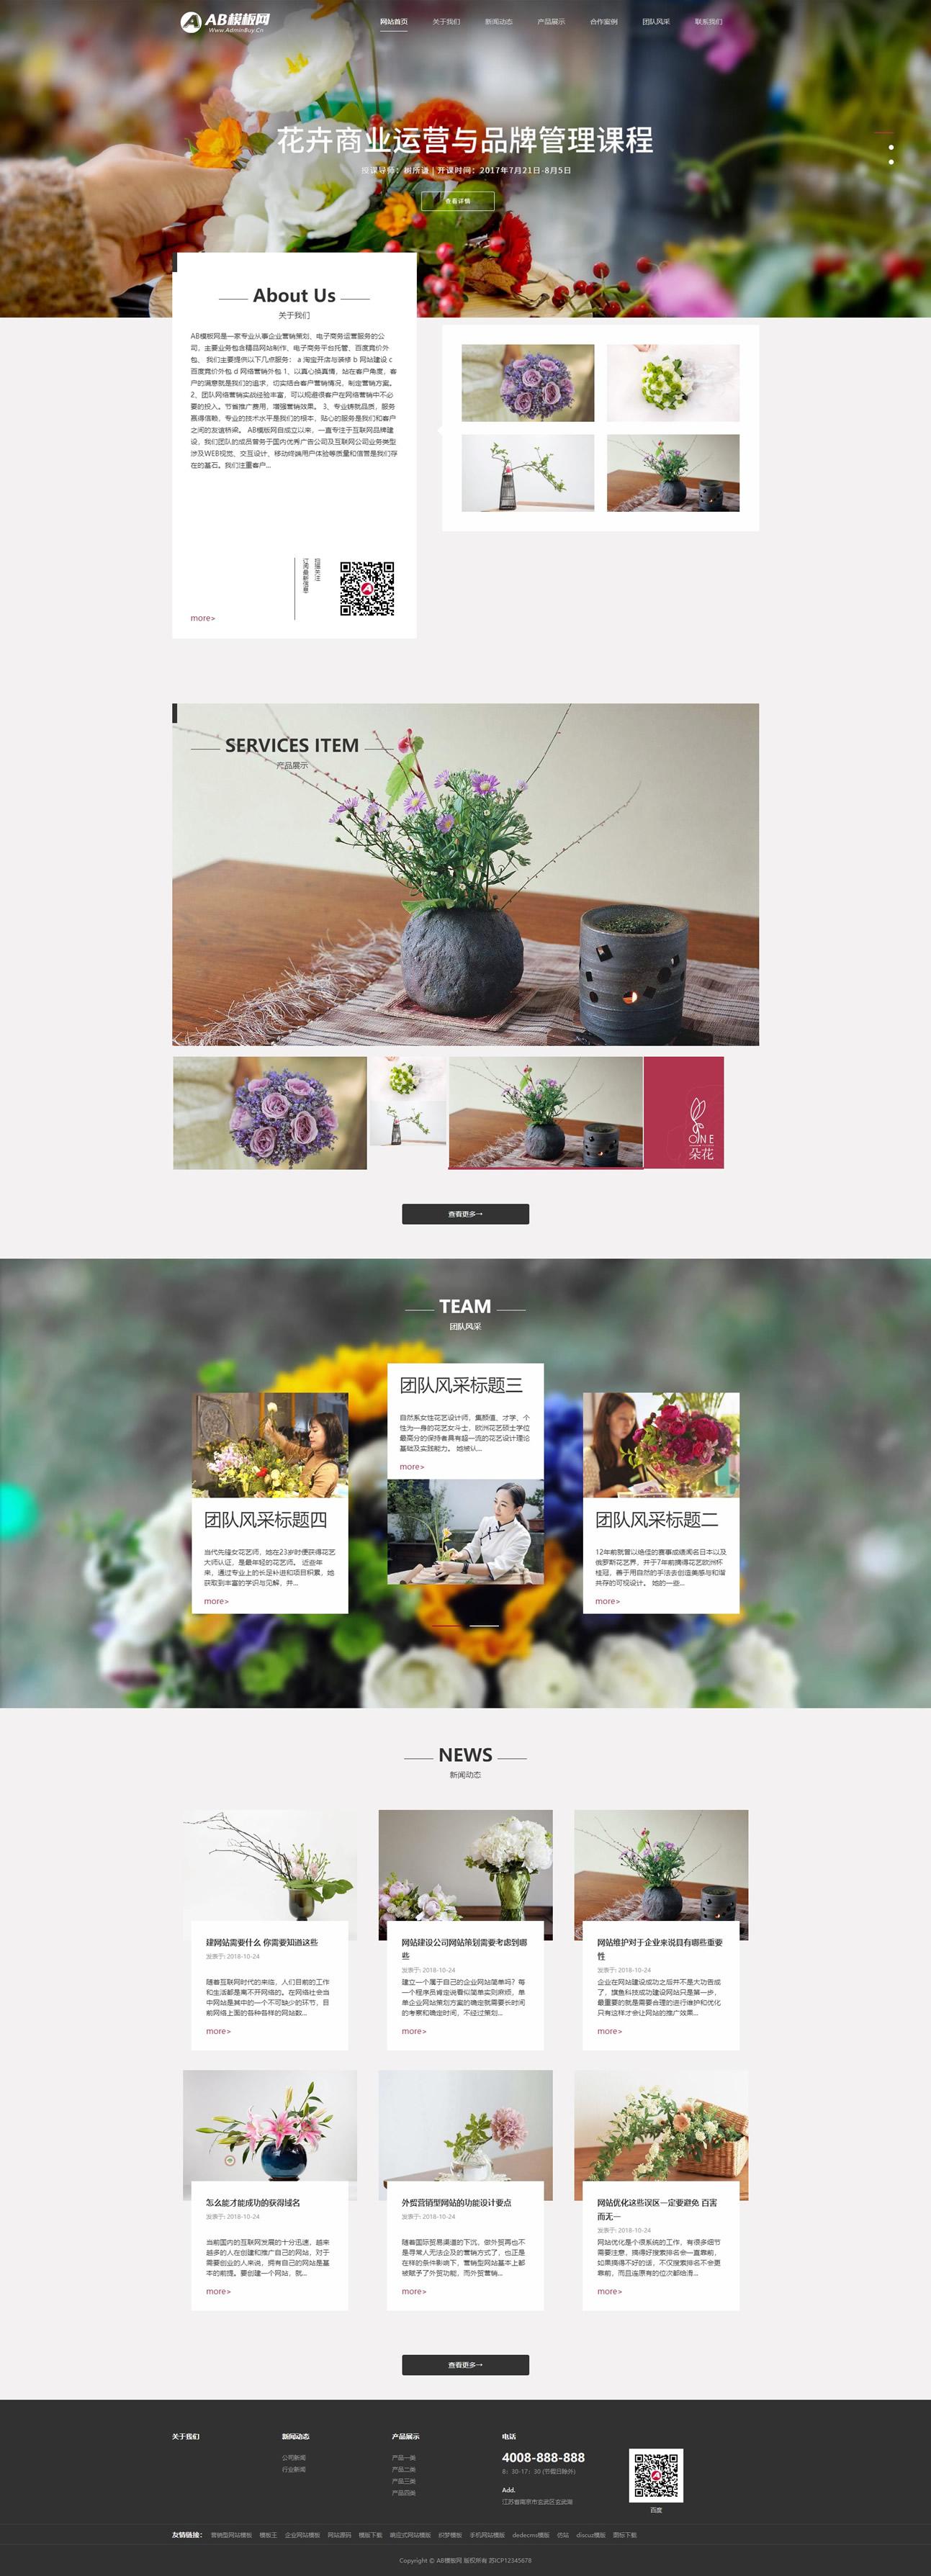 【鲜花类】织梦cms模板 彩色鲜花花艺网站源码[自适应手机版]-找主题源码